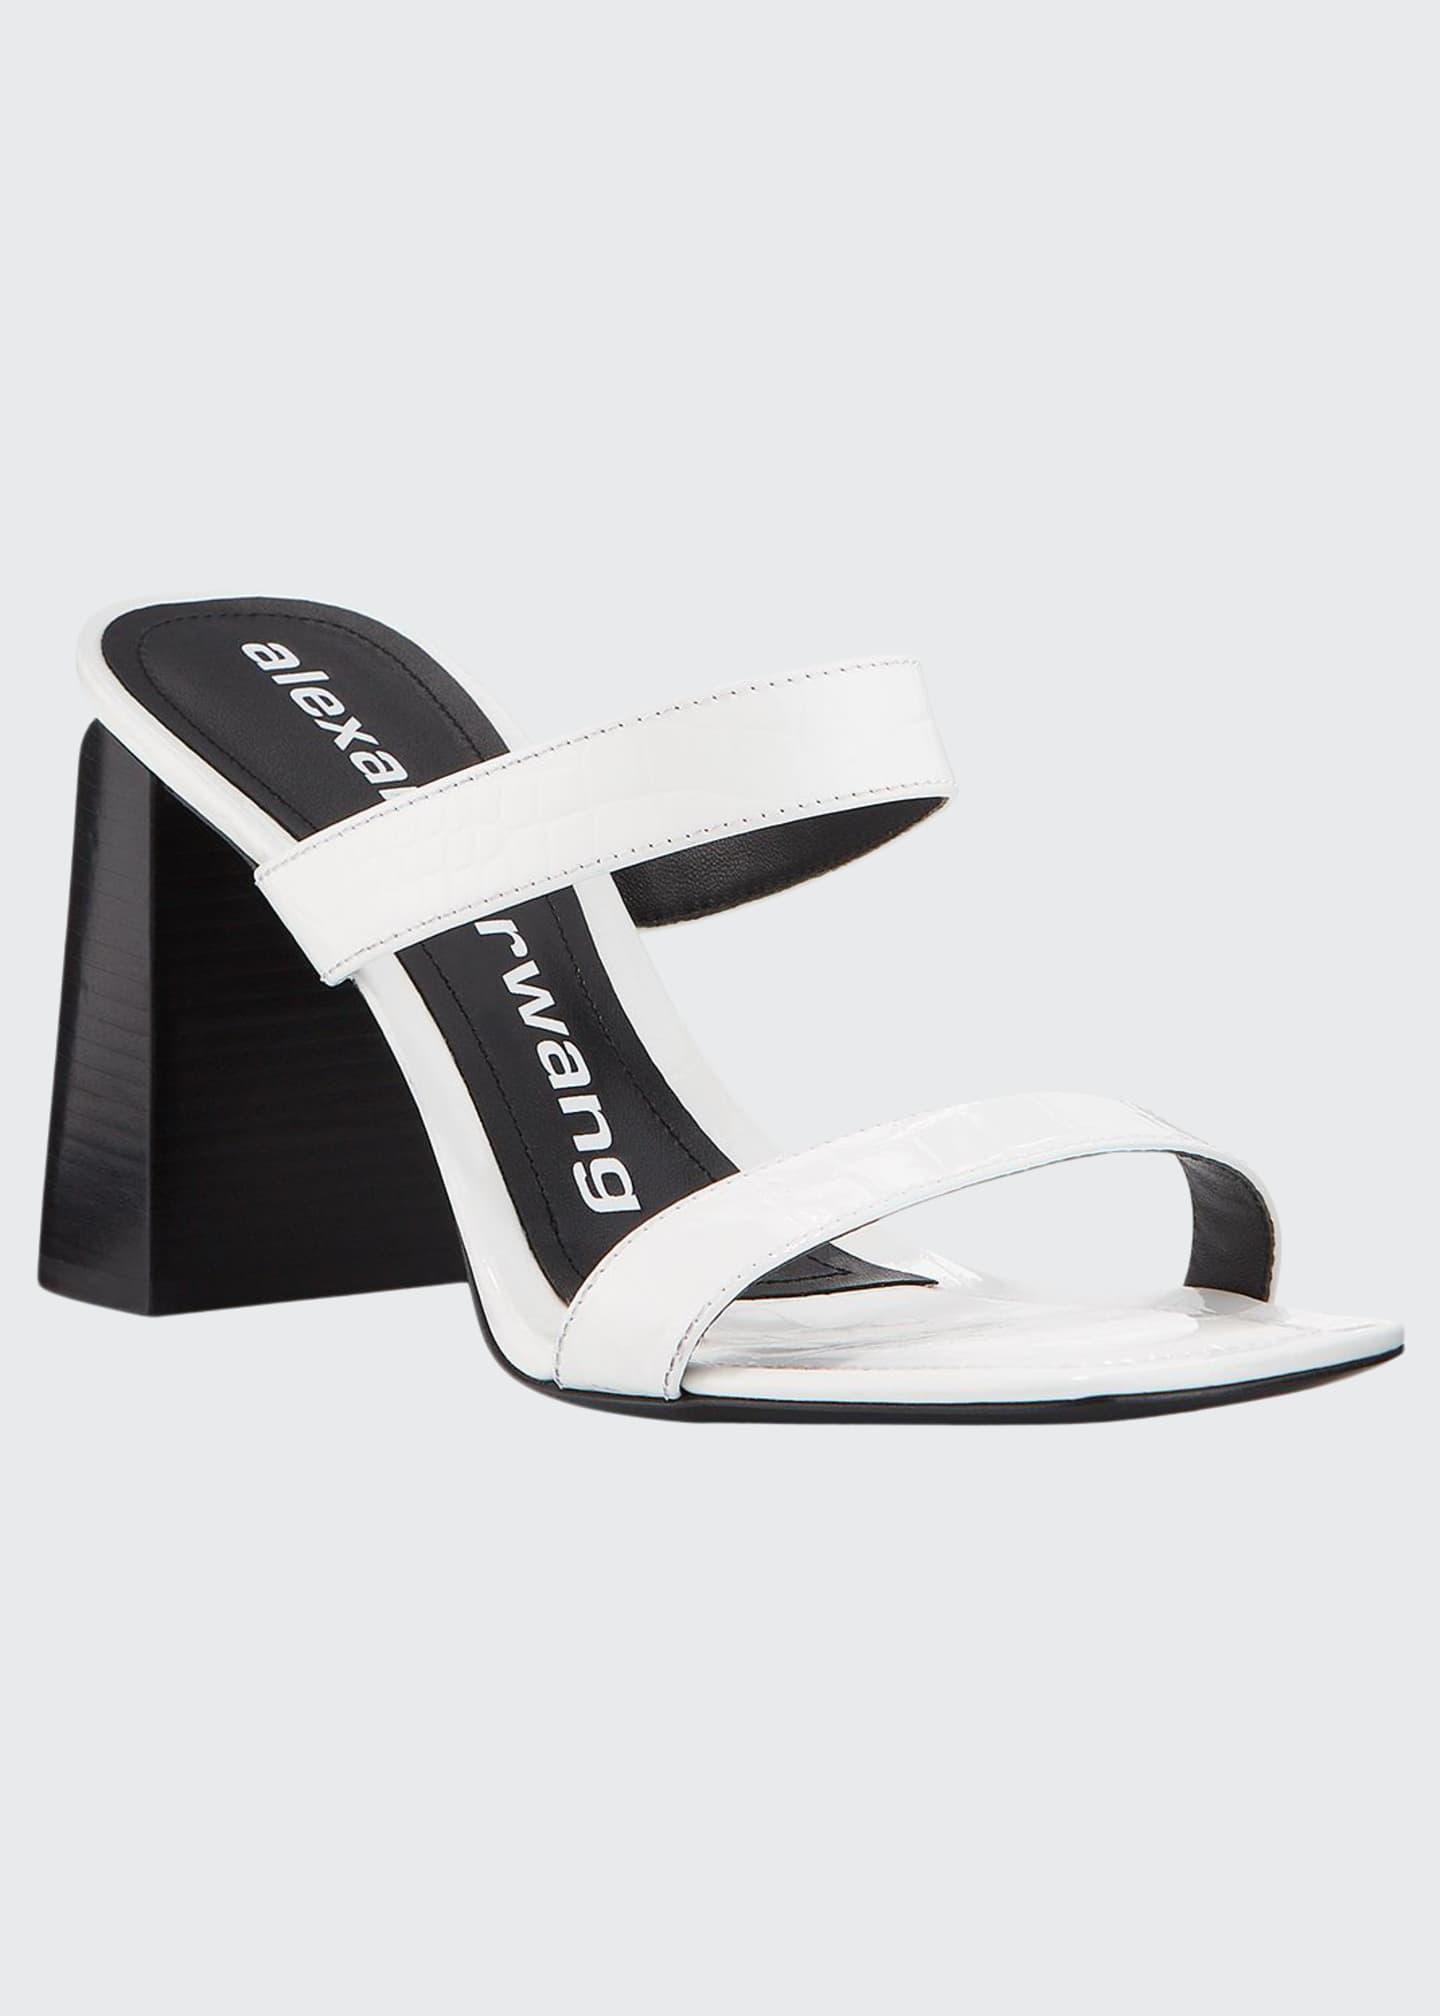 Alexander Wang Hayden Mock-Croc Leather Sandals